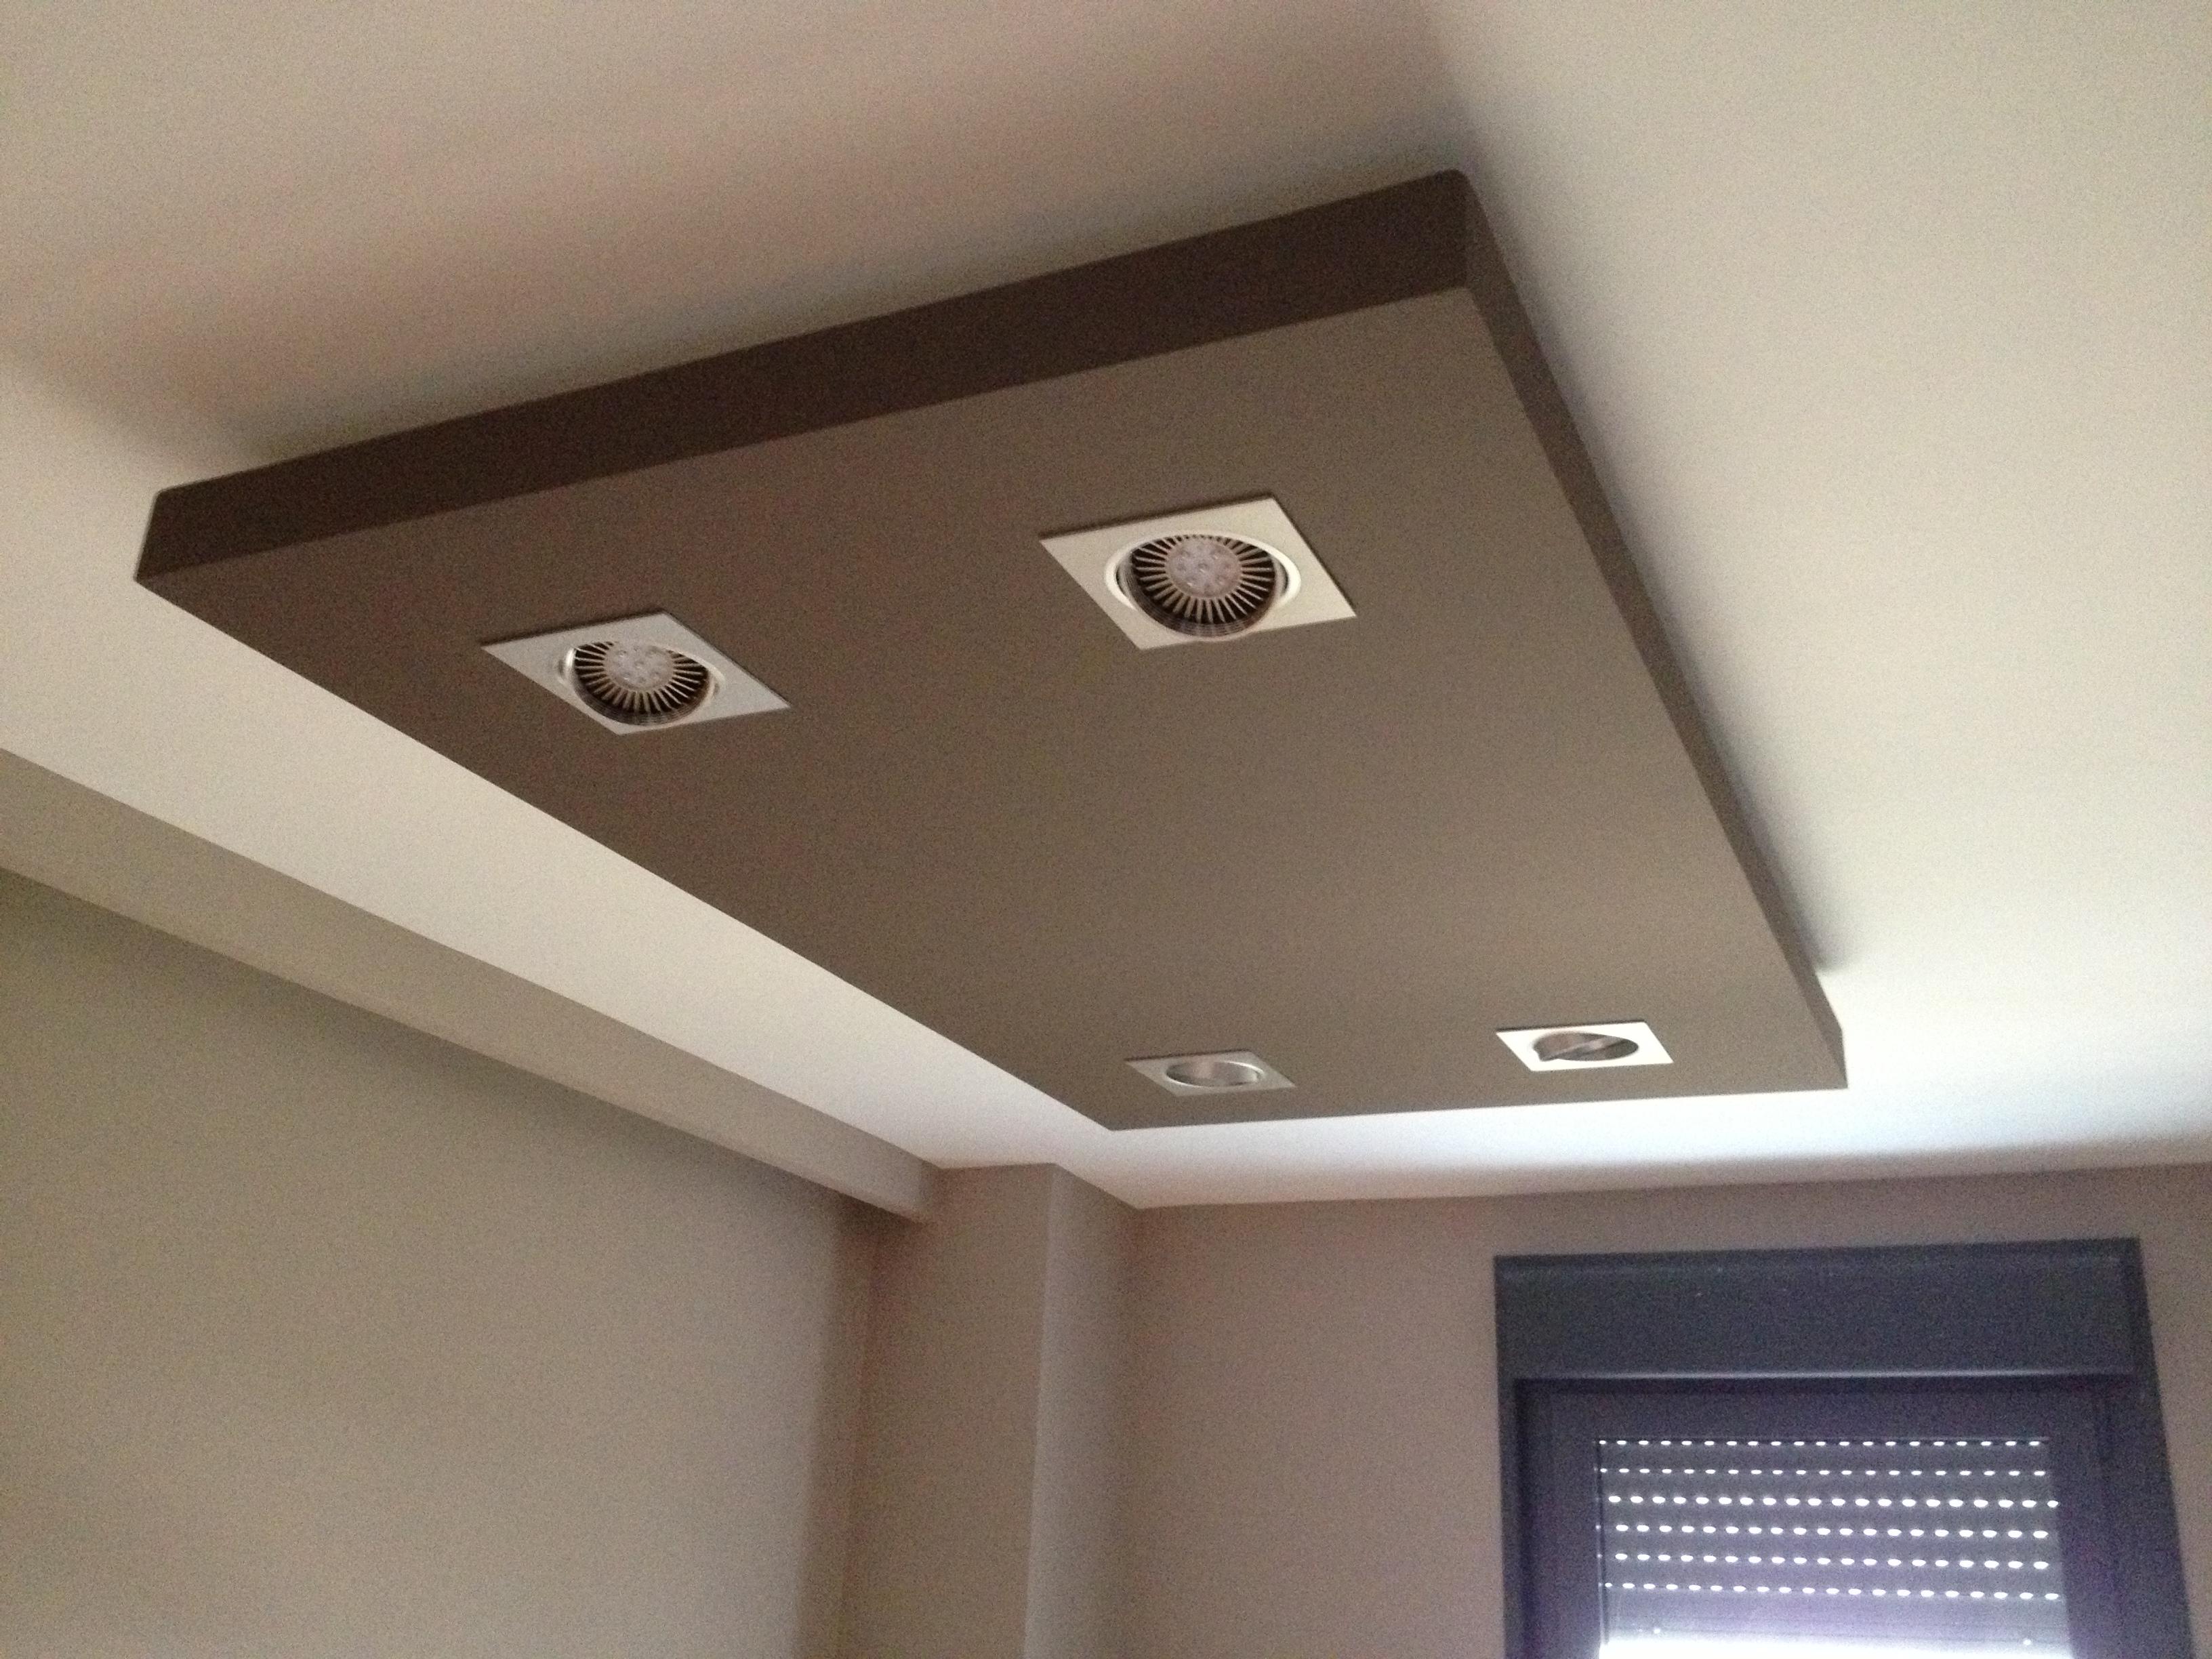 La escayola pladur y las tiras led hacen buen equipo for Como poner chirok en el techo